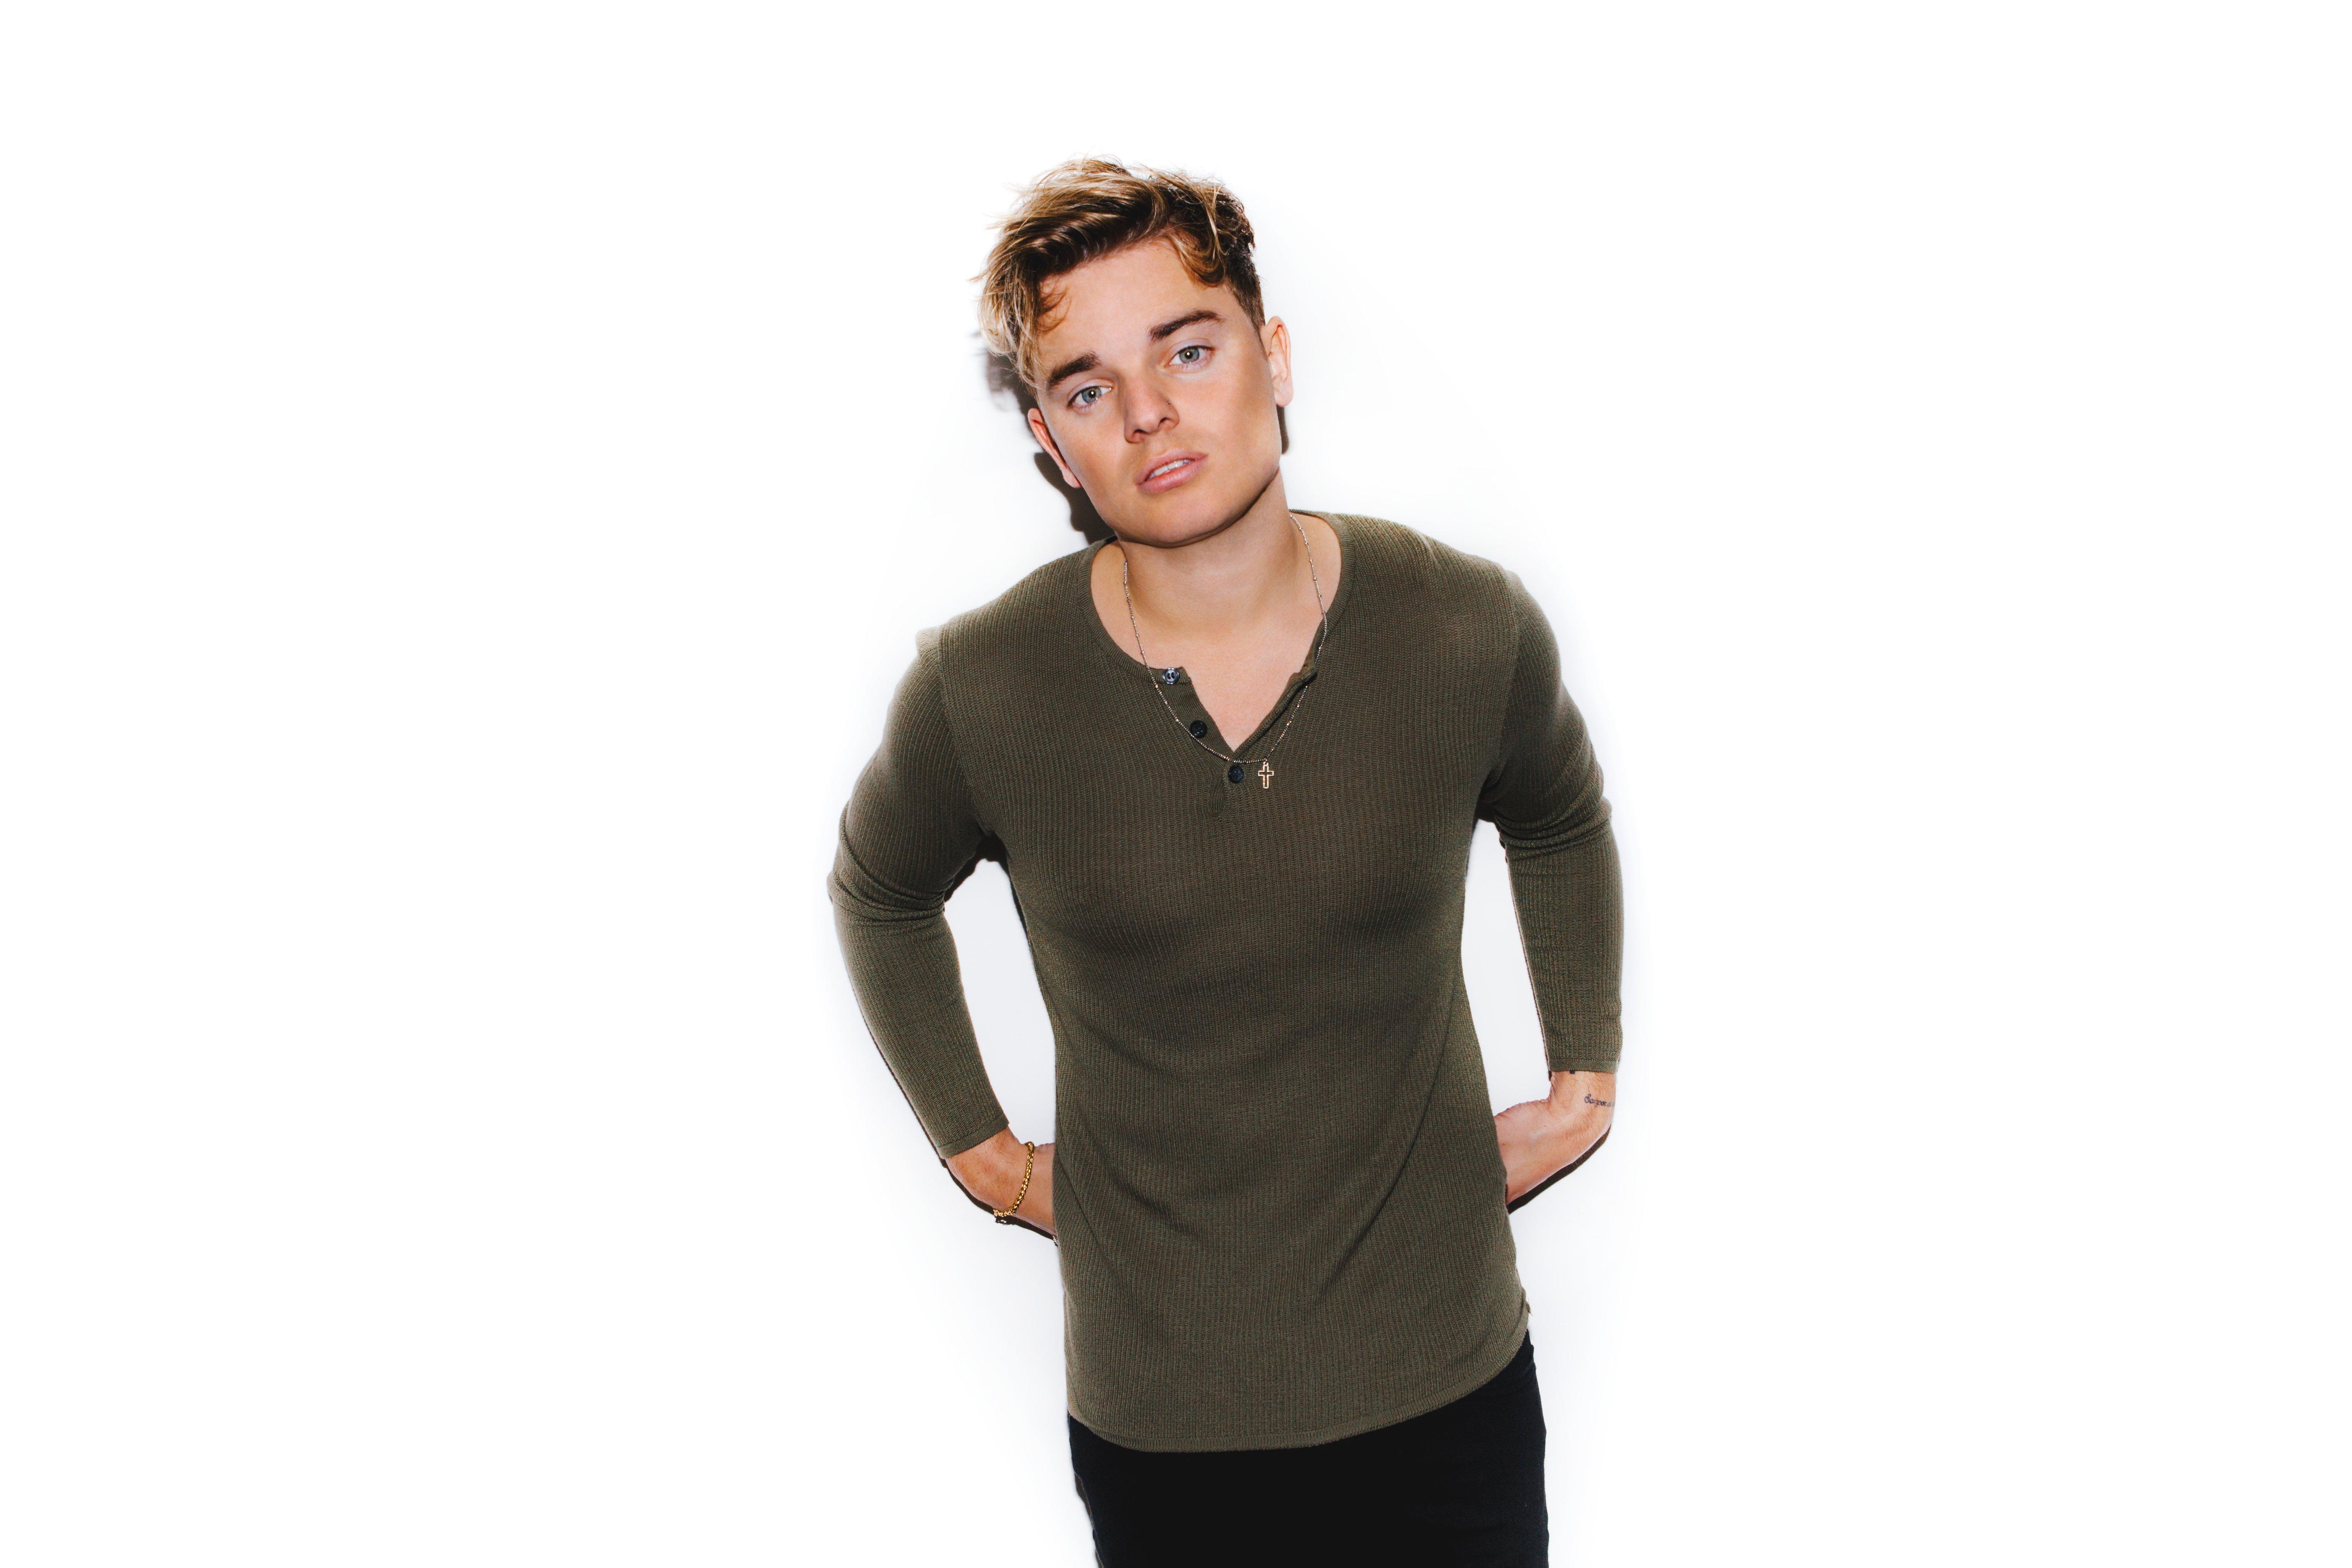 Jack Maynard Photoshoot 2018